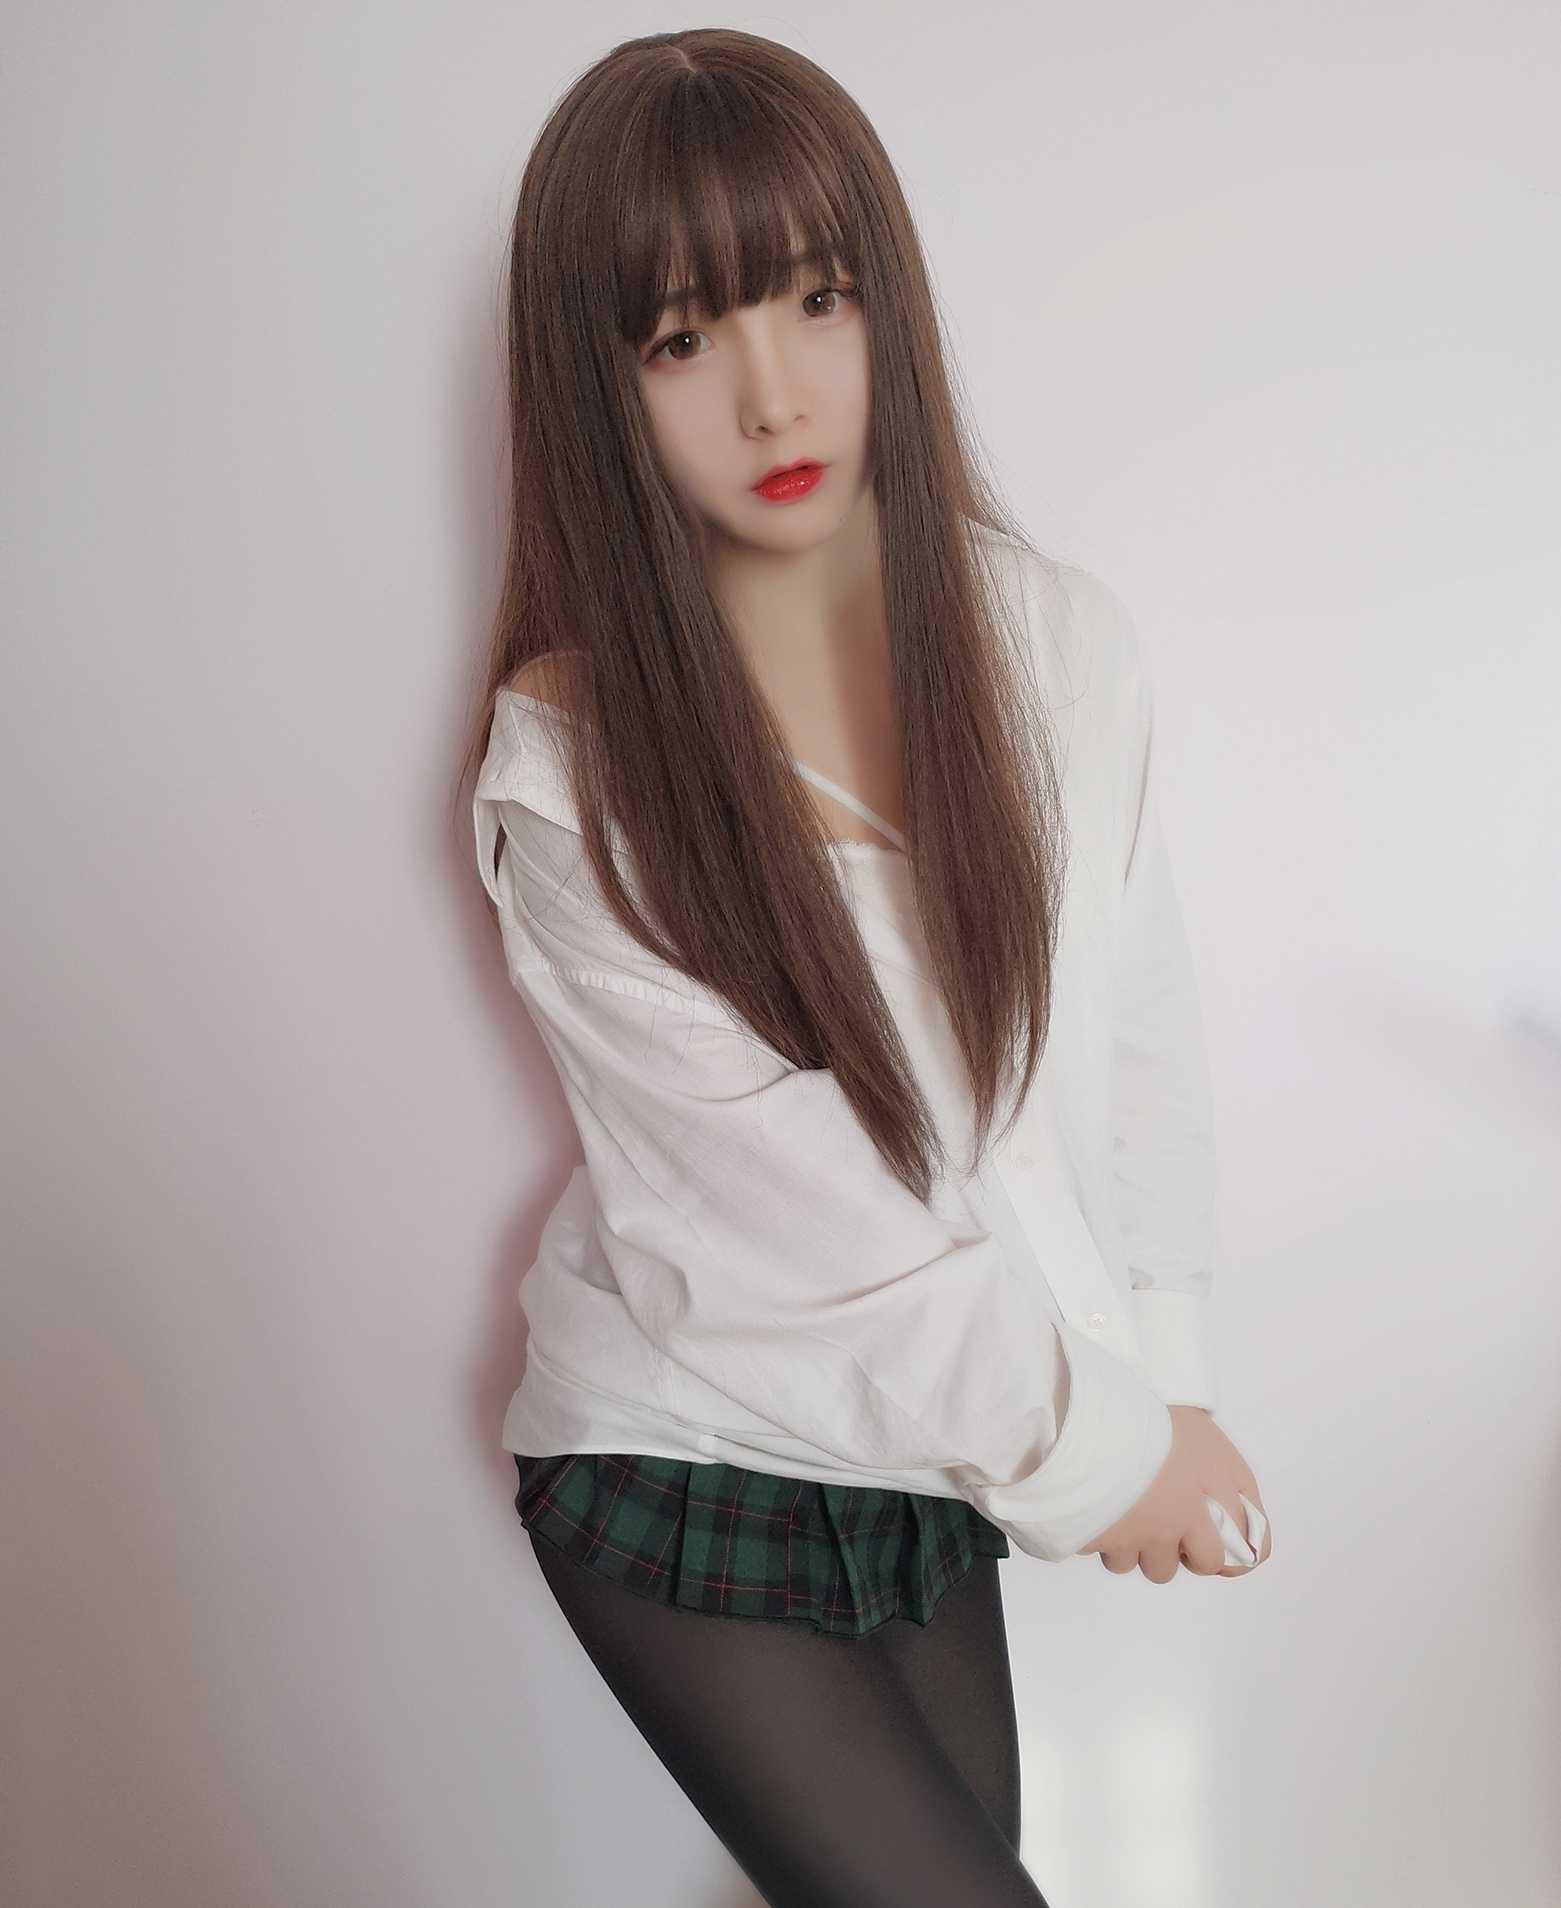 ⭐微博红人⭐古川kagura@coser图片-NO.19 男友衬衫 [14P-22MB]插图